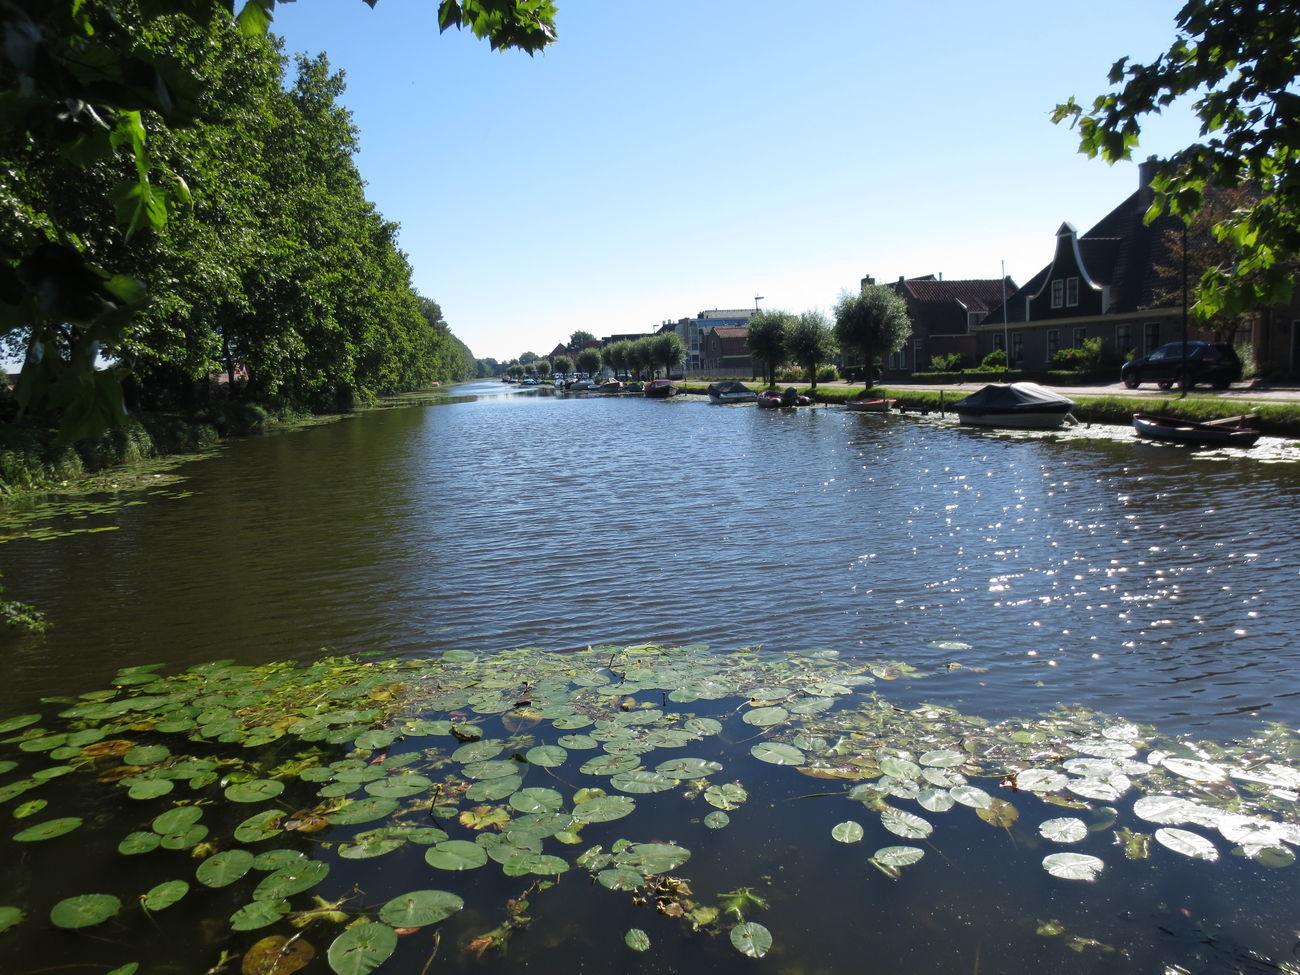 Unas Vistas del Rio que pasa por el Pueblo de Edan en Holanda